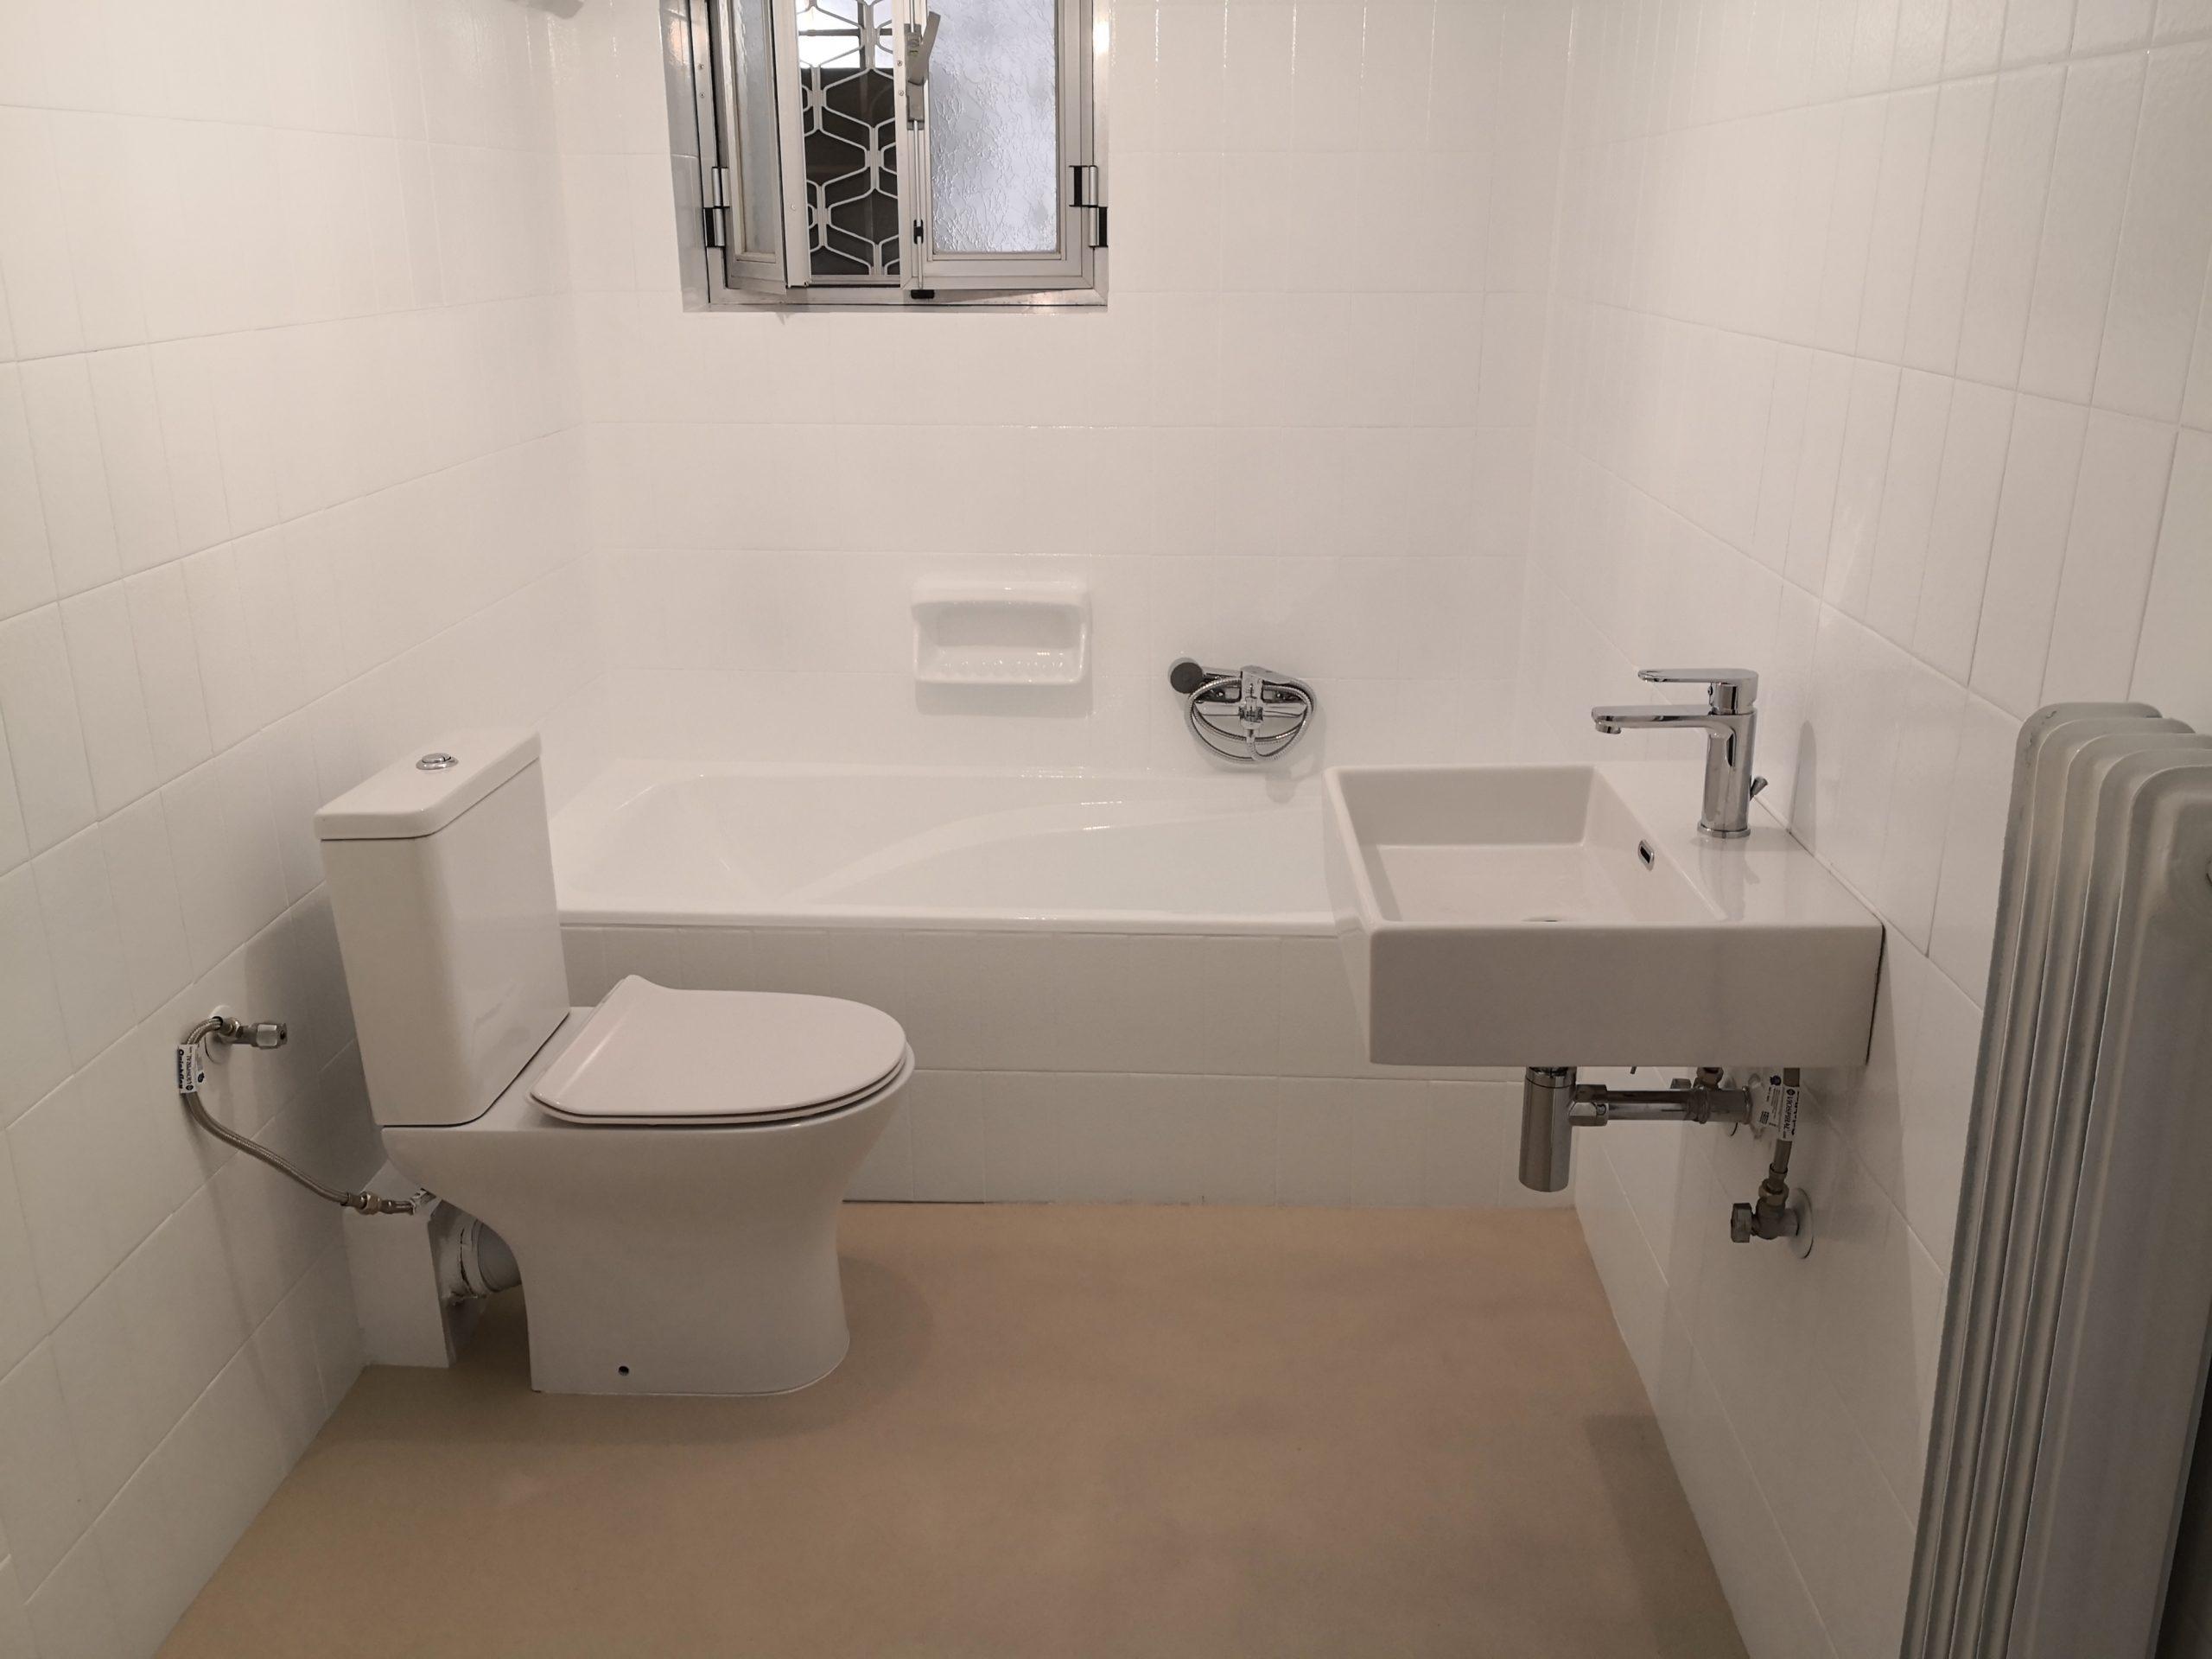 επισμάλτωση-μπάνιου-χαλαζιακή-επένδυση-ηλιούπολη-11